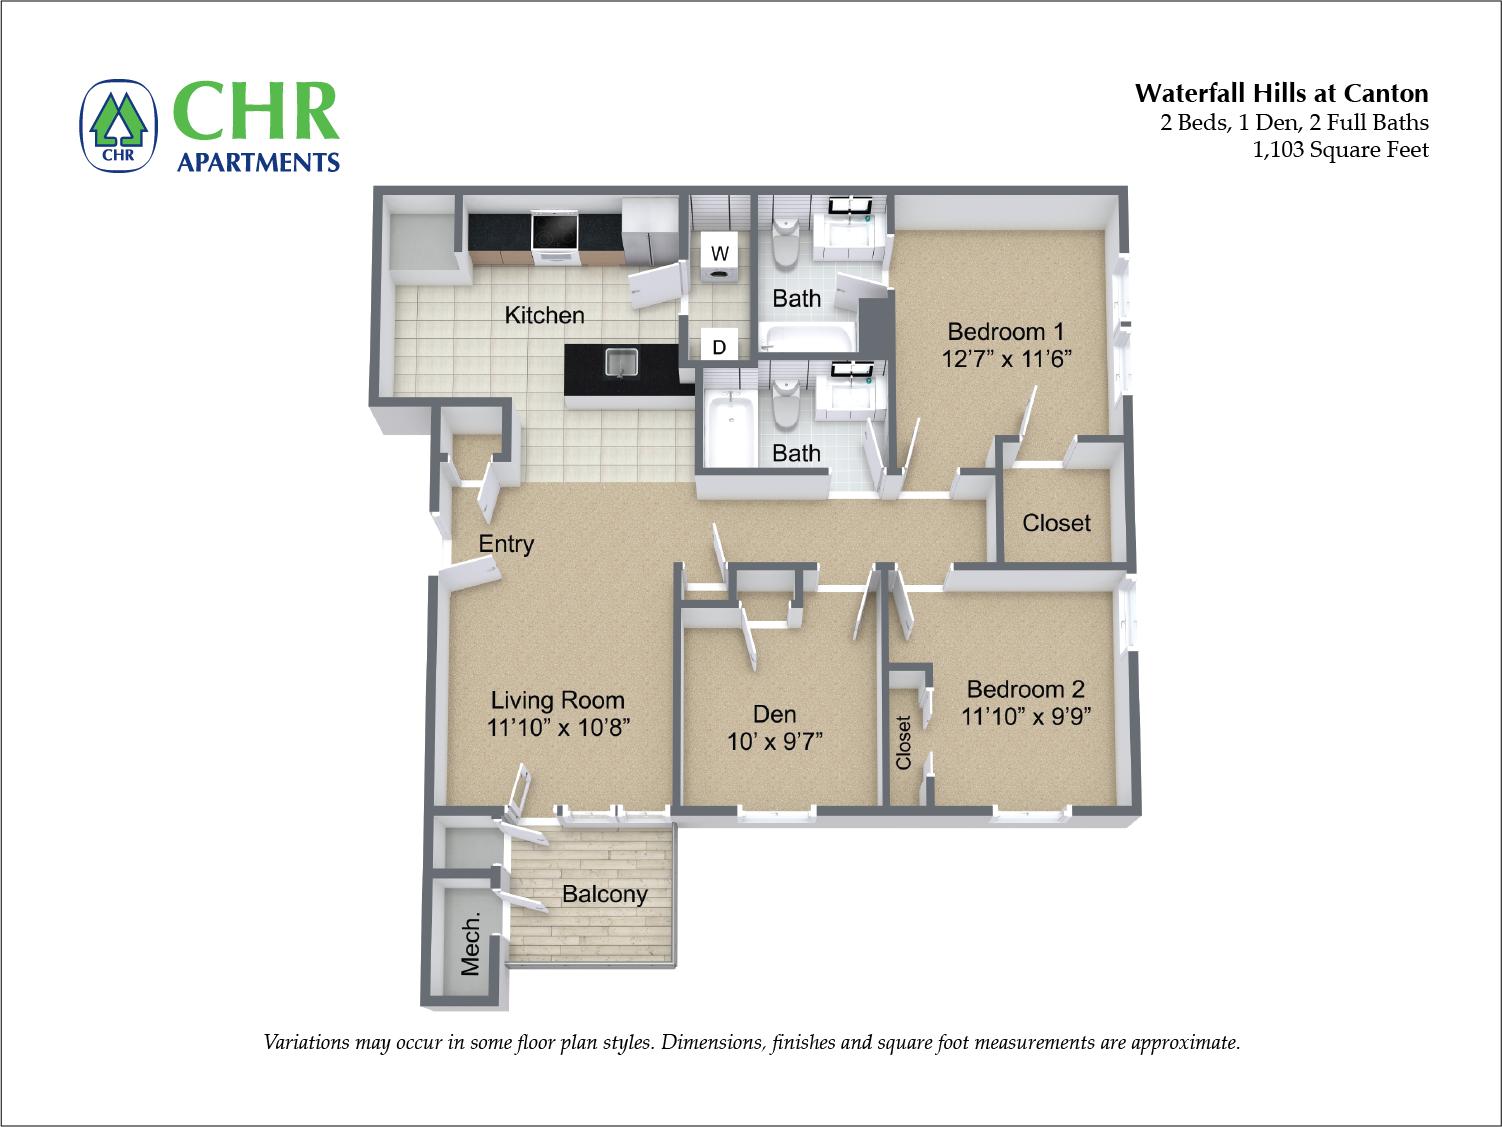 Click to view 2 Bedroom and Den floor plan gallery